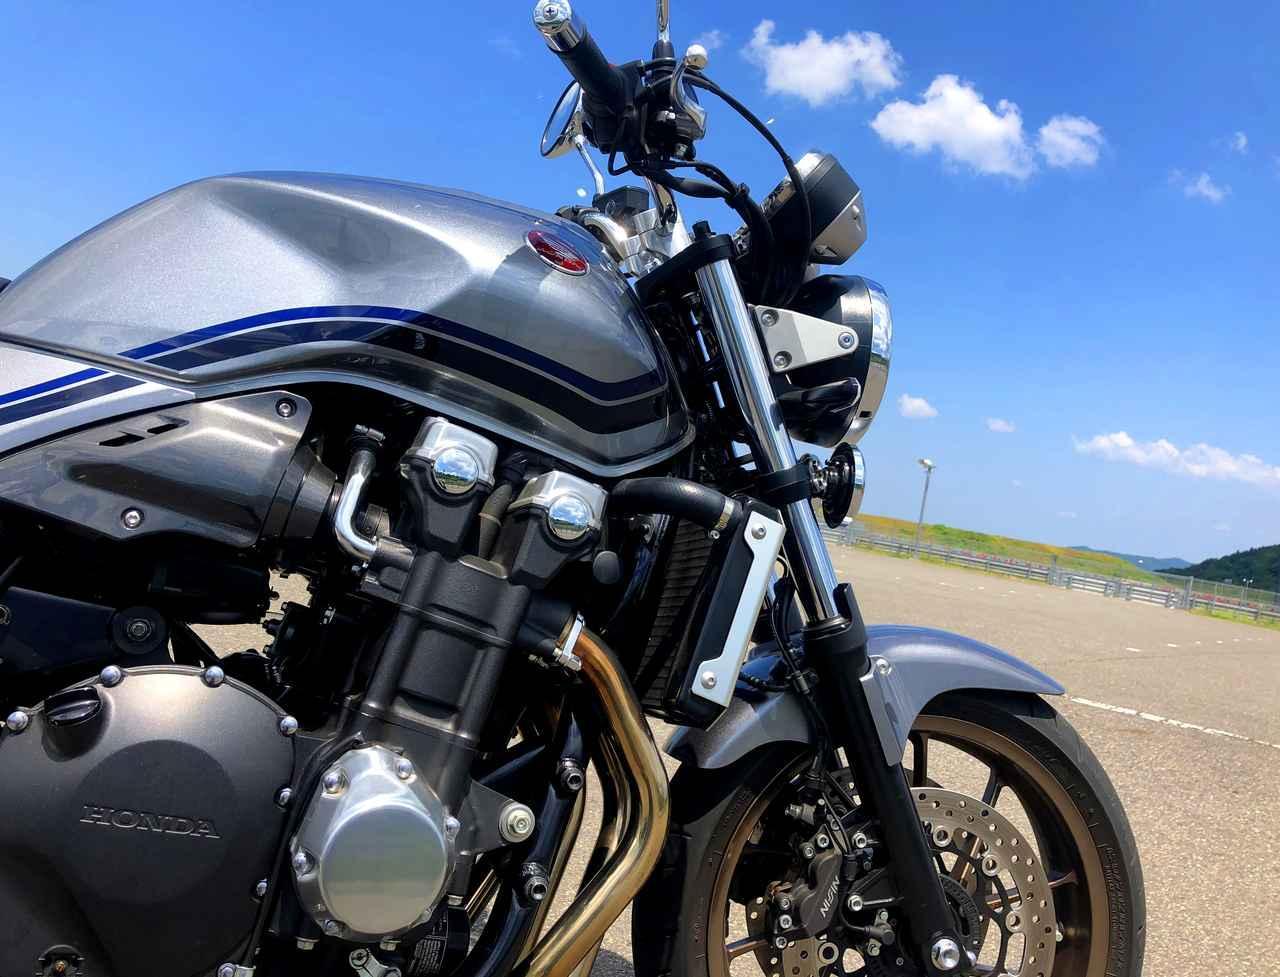 画像: これが『ニッポンのバイク』の王様だ!【ホンダオールすごろく/第7回 CB1300 SUPERFOUR その1】 - A Little Honda